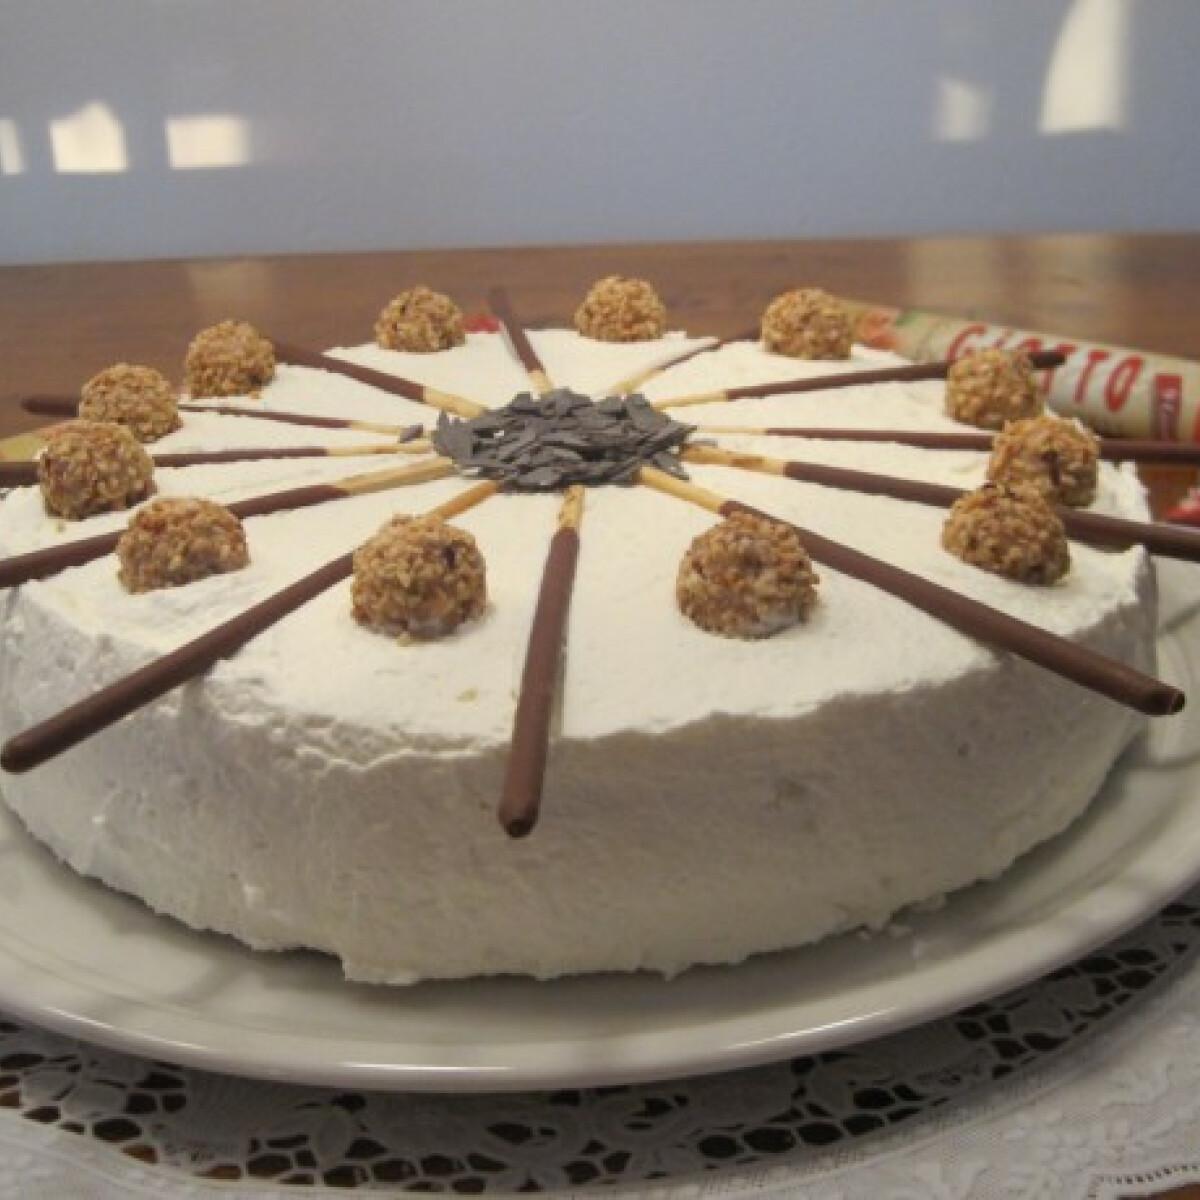 Ezen a képen: Giotto torta